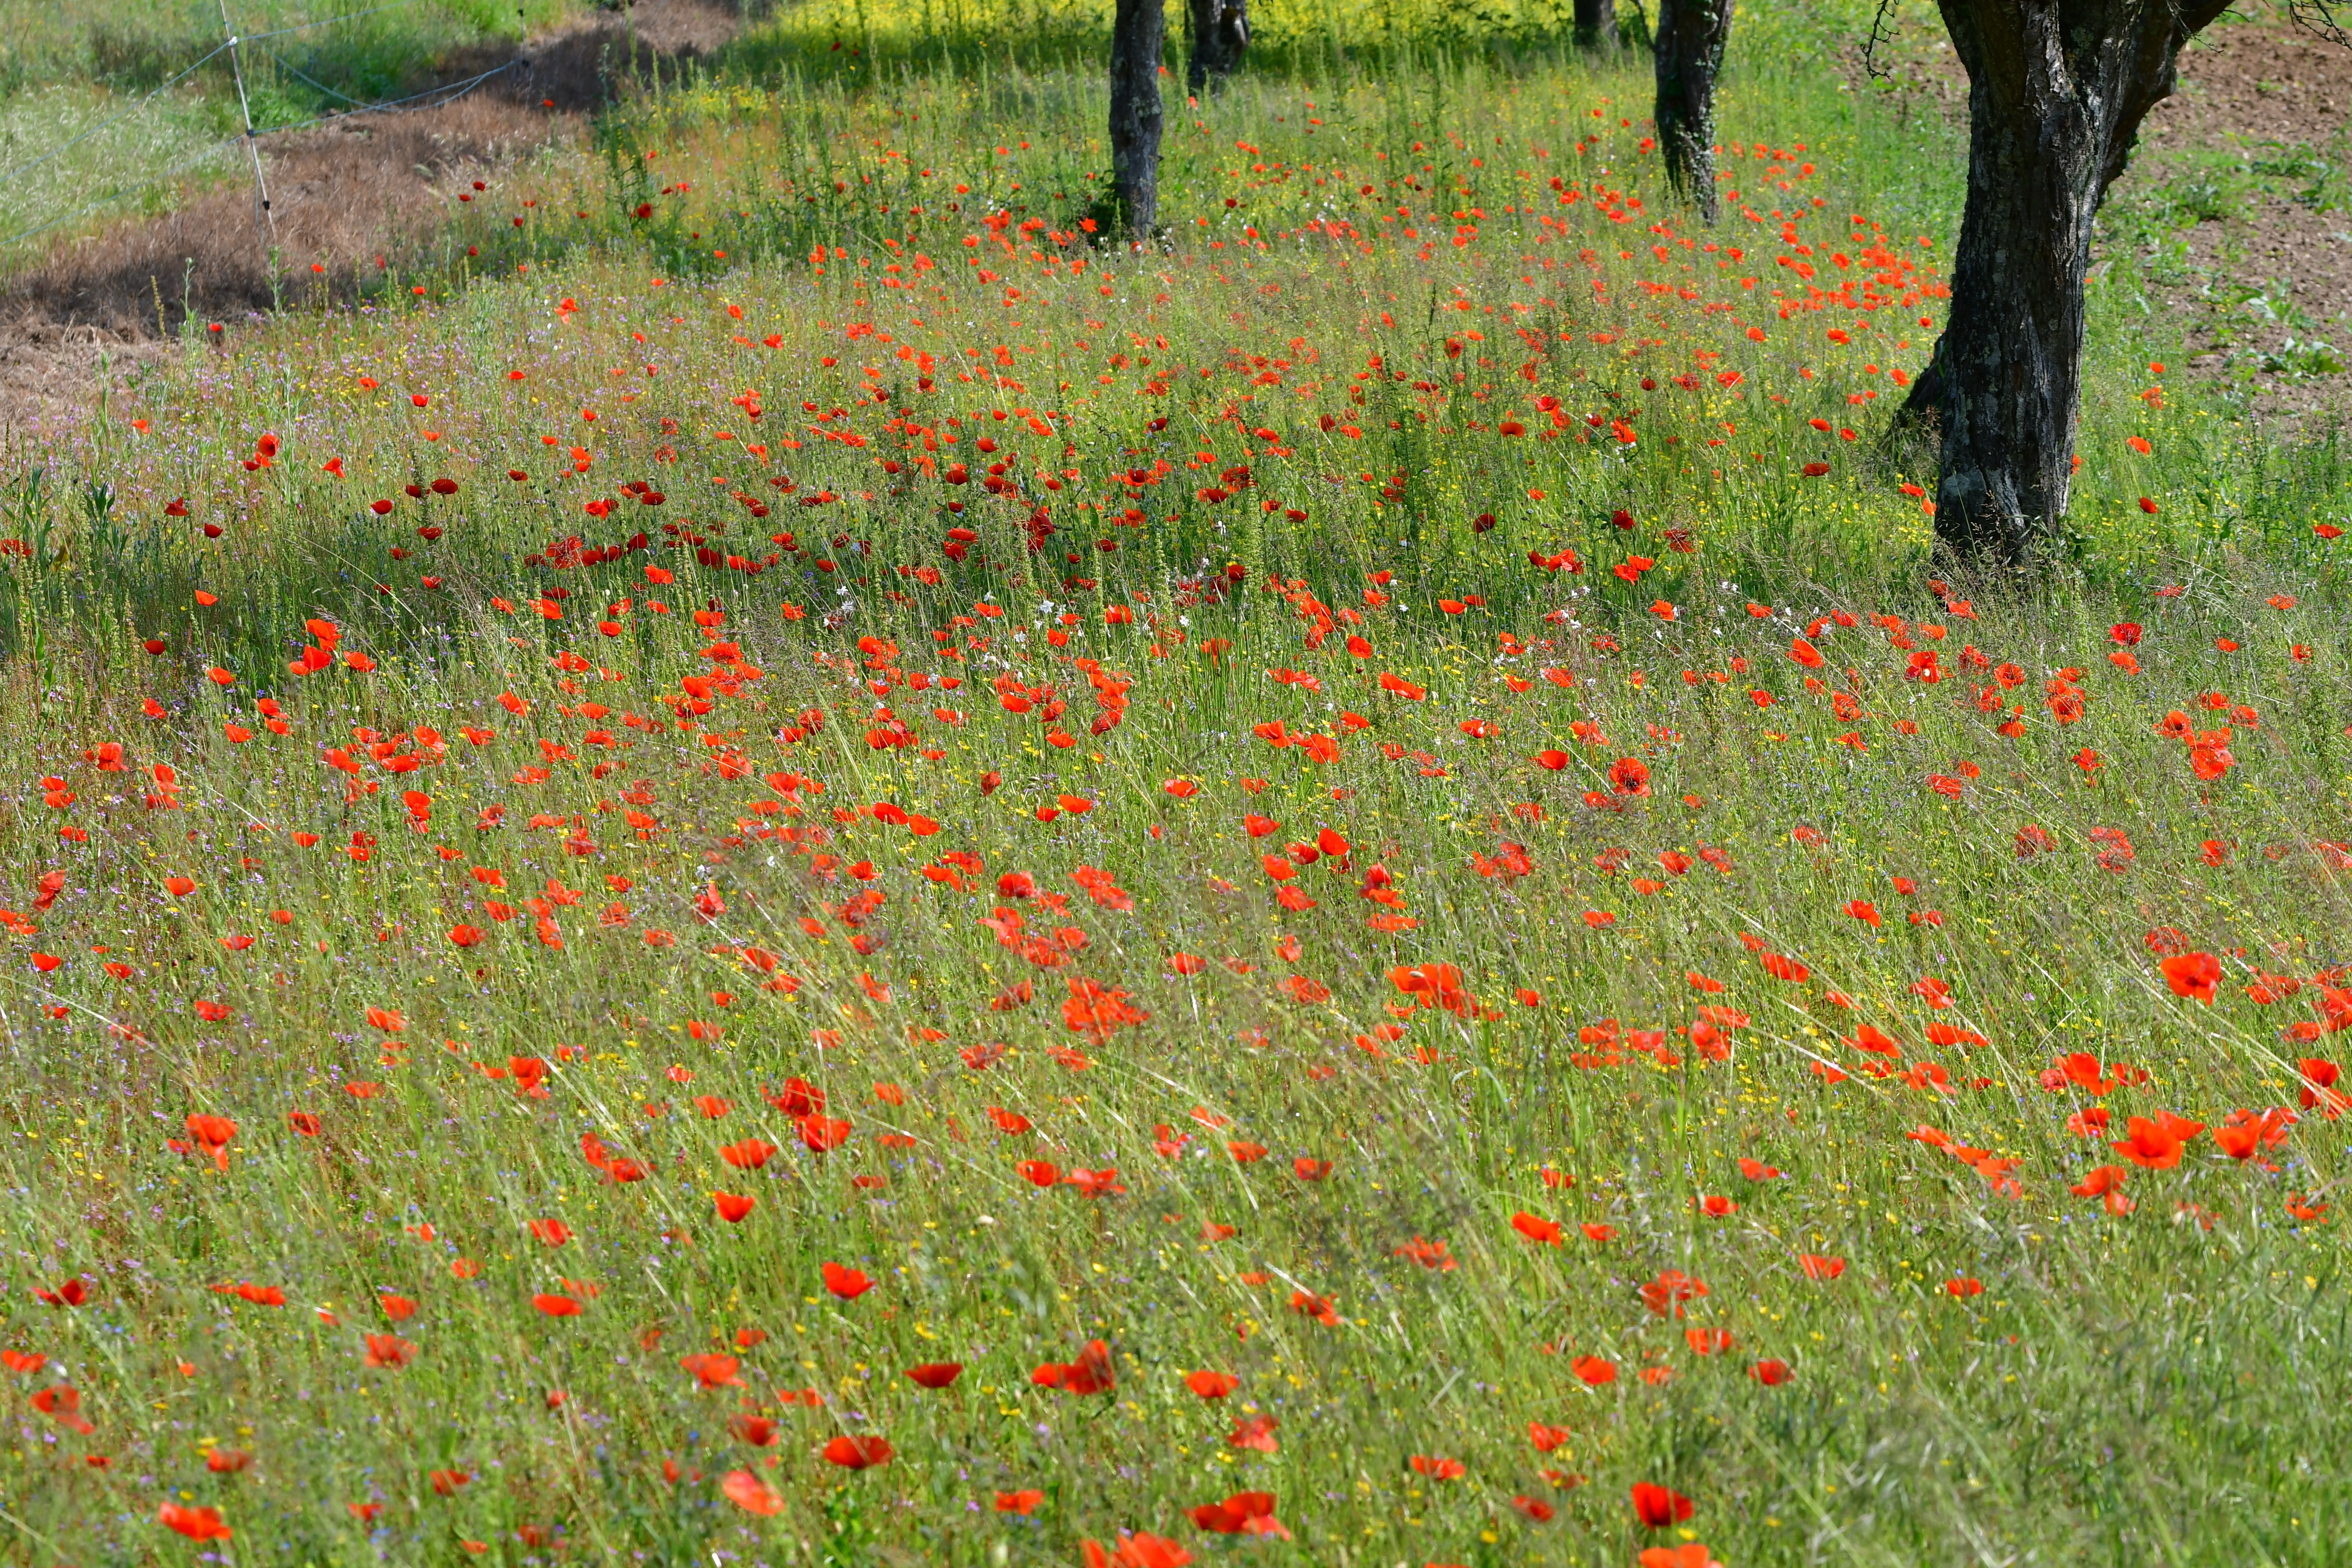 Araignées, insectes et fleurs de la forêt de moulière (le gâchet de villiers - logerie) photo